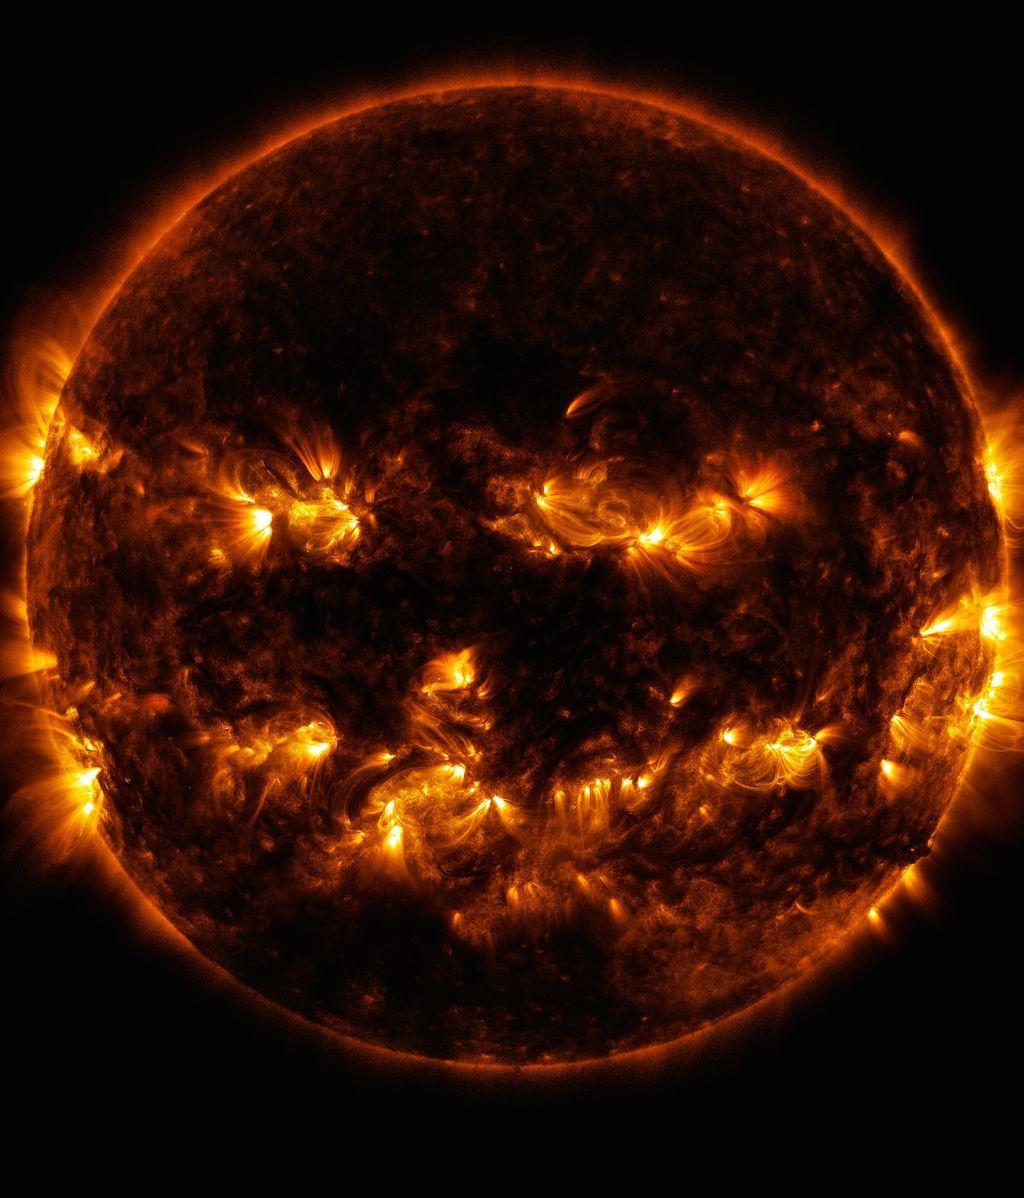 ¿Está el Sol a punto de estallar? La Nasa detecta una extraña actividad de la estrella